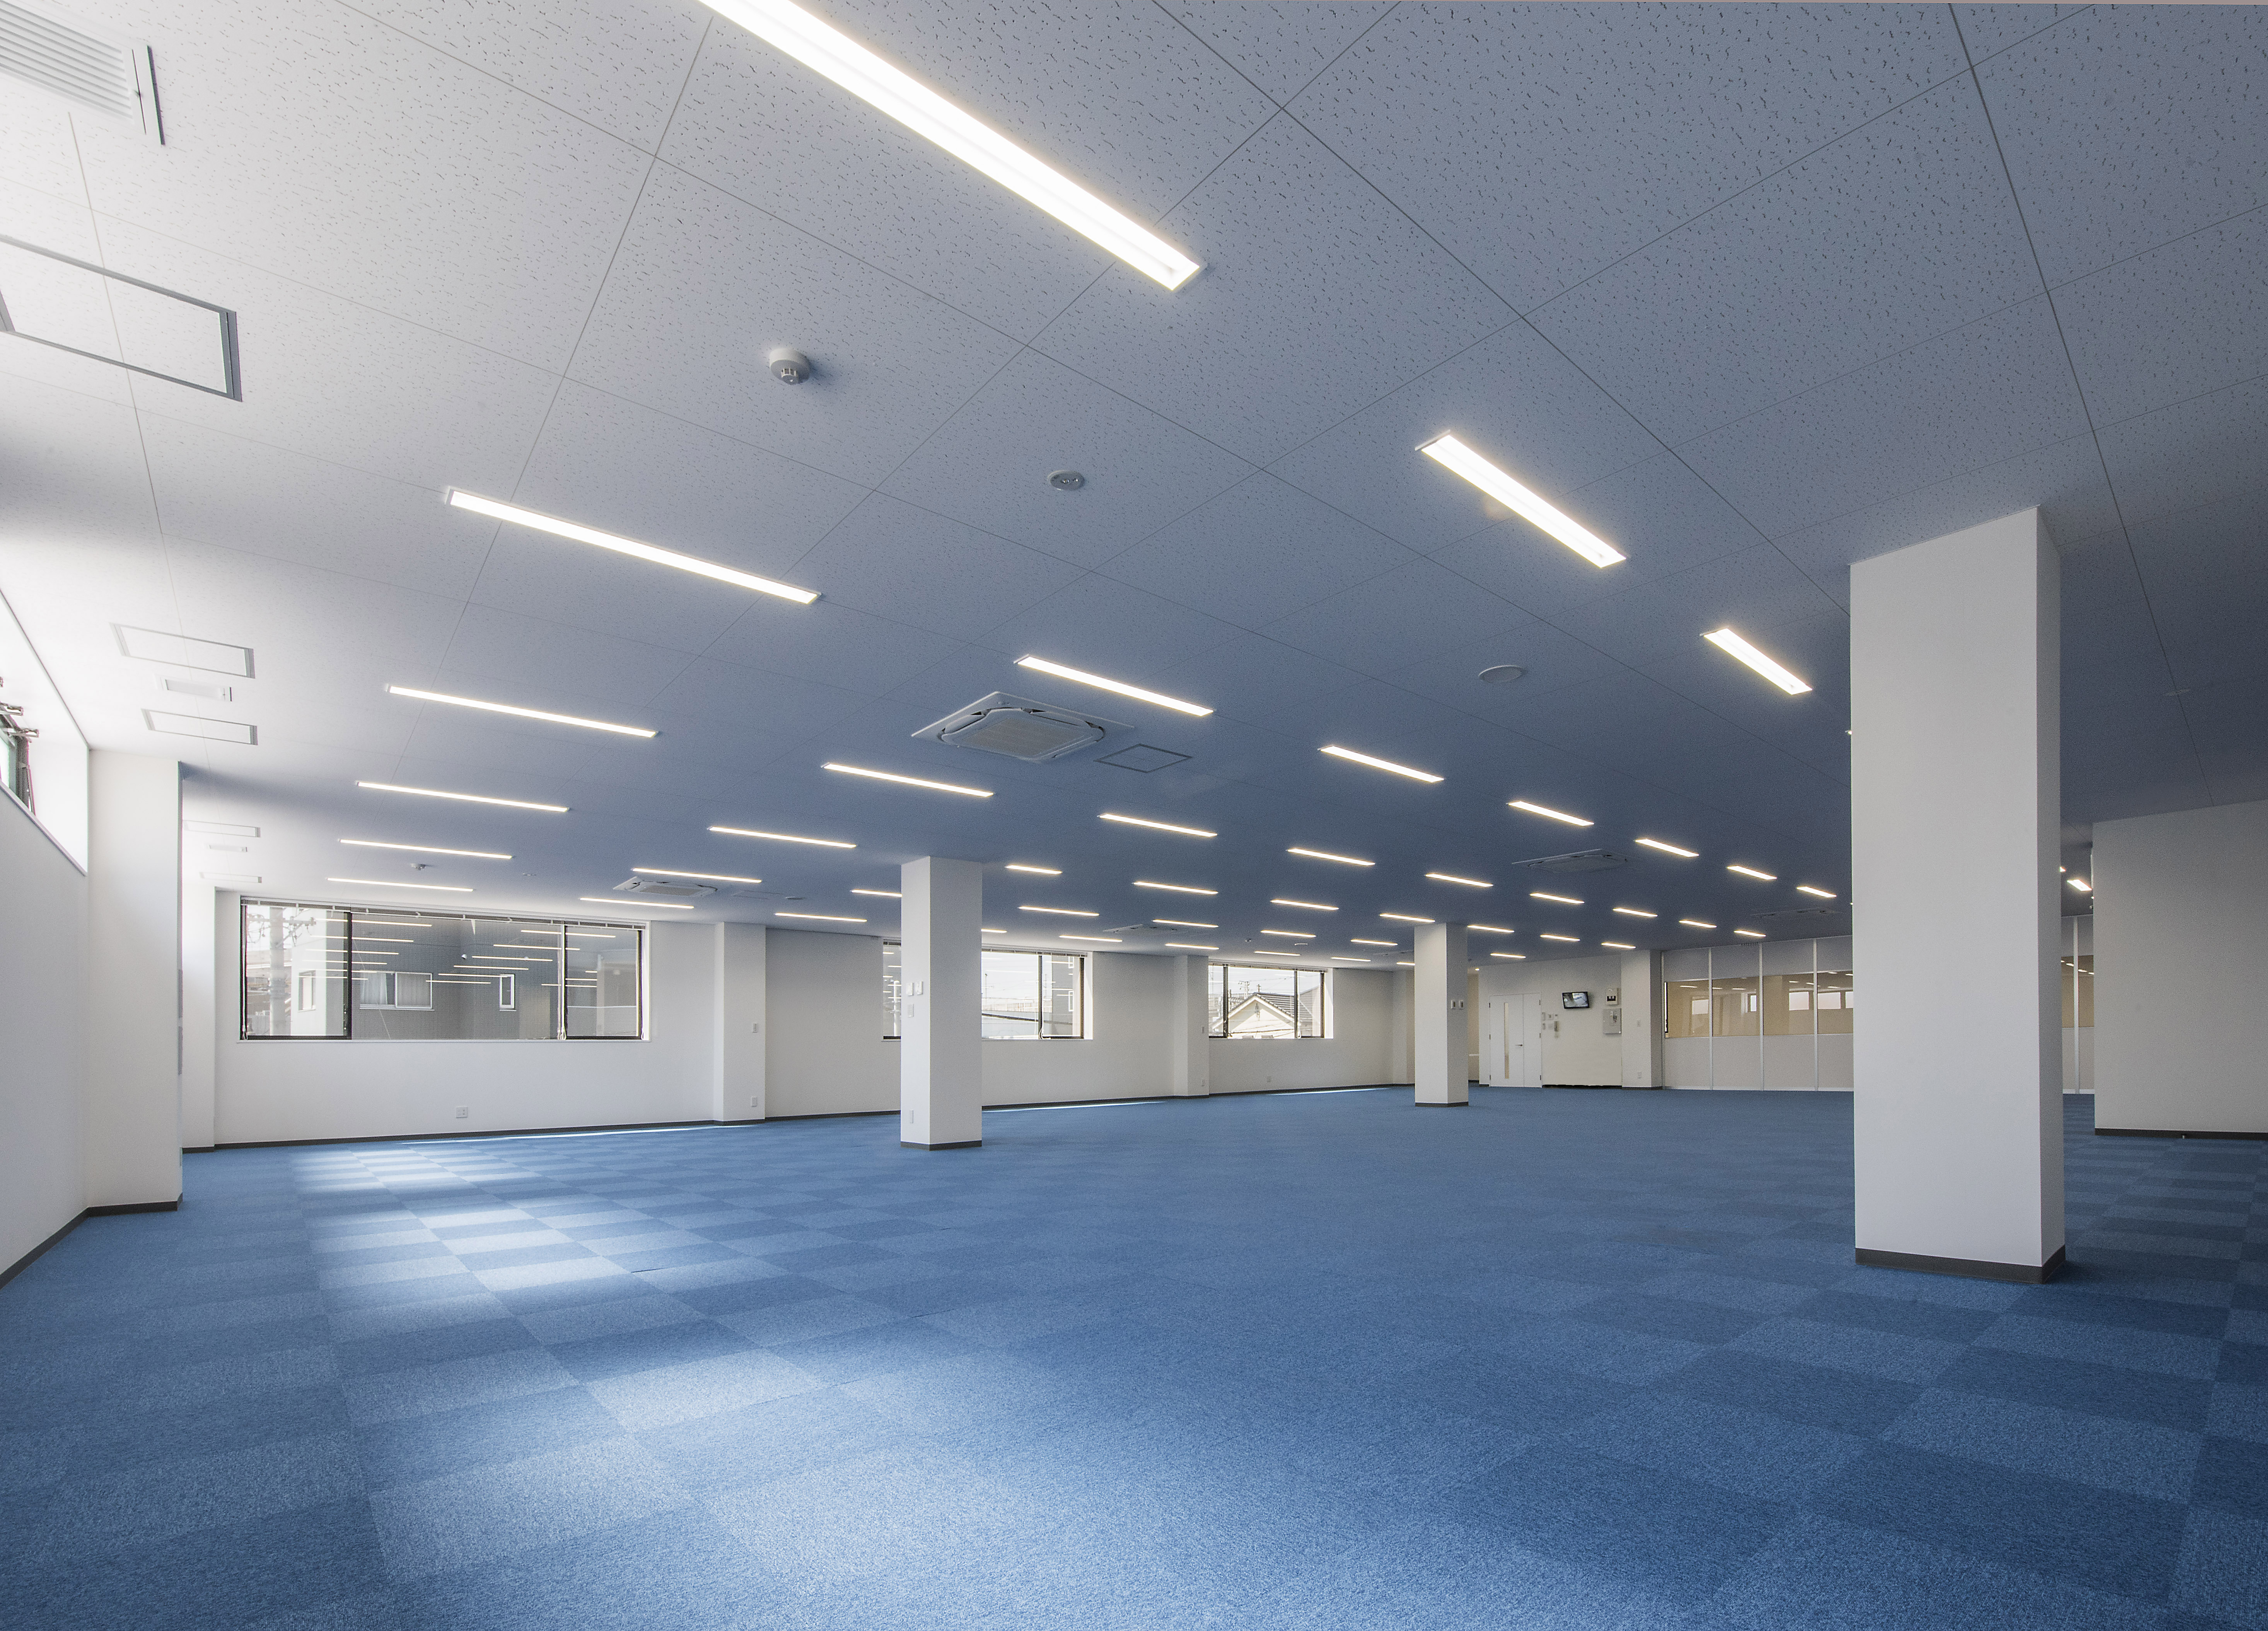 内藤電機株式会社 名古屋支店 様【新築】